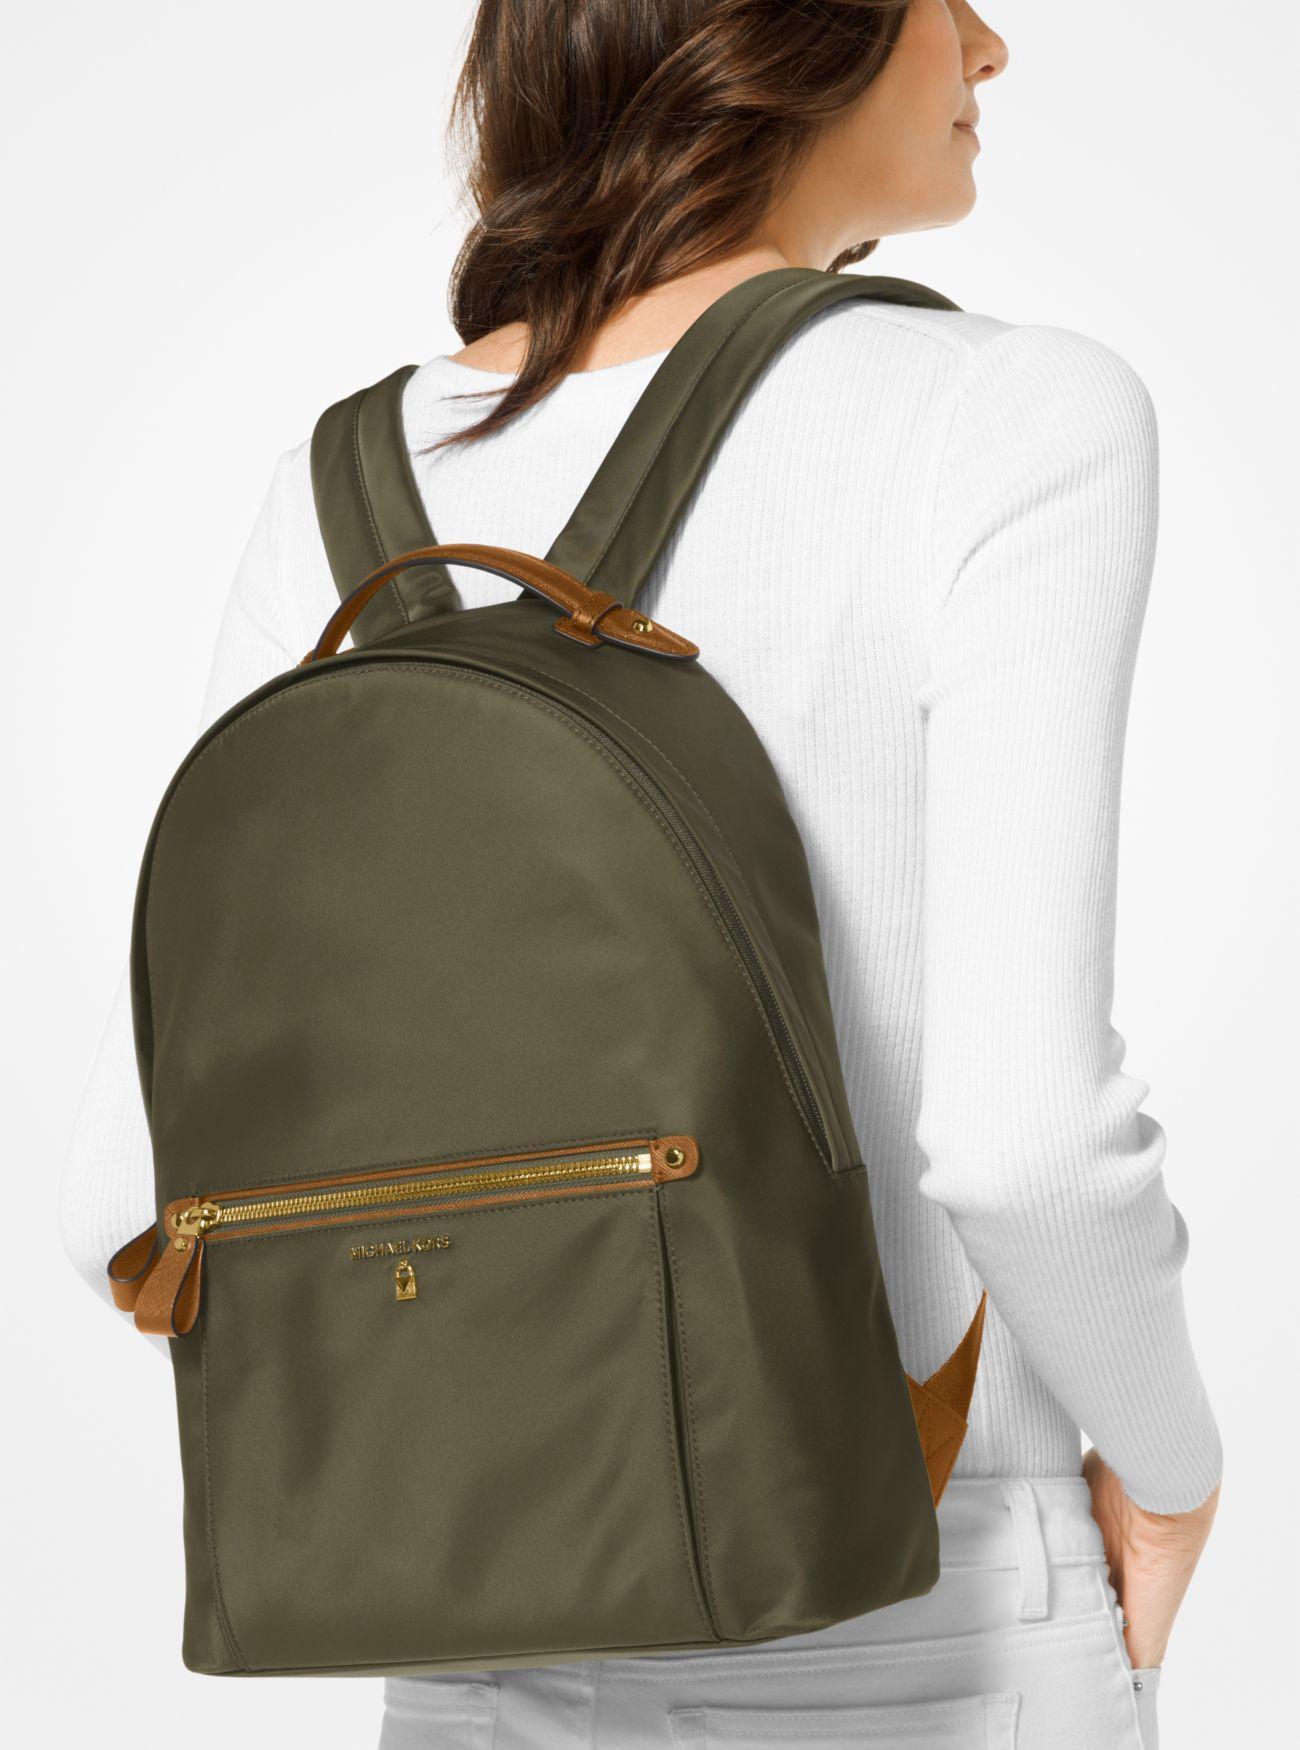 Michael Kors Kelsey Large Nylon Backpack In Green Lyst